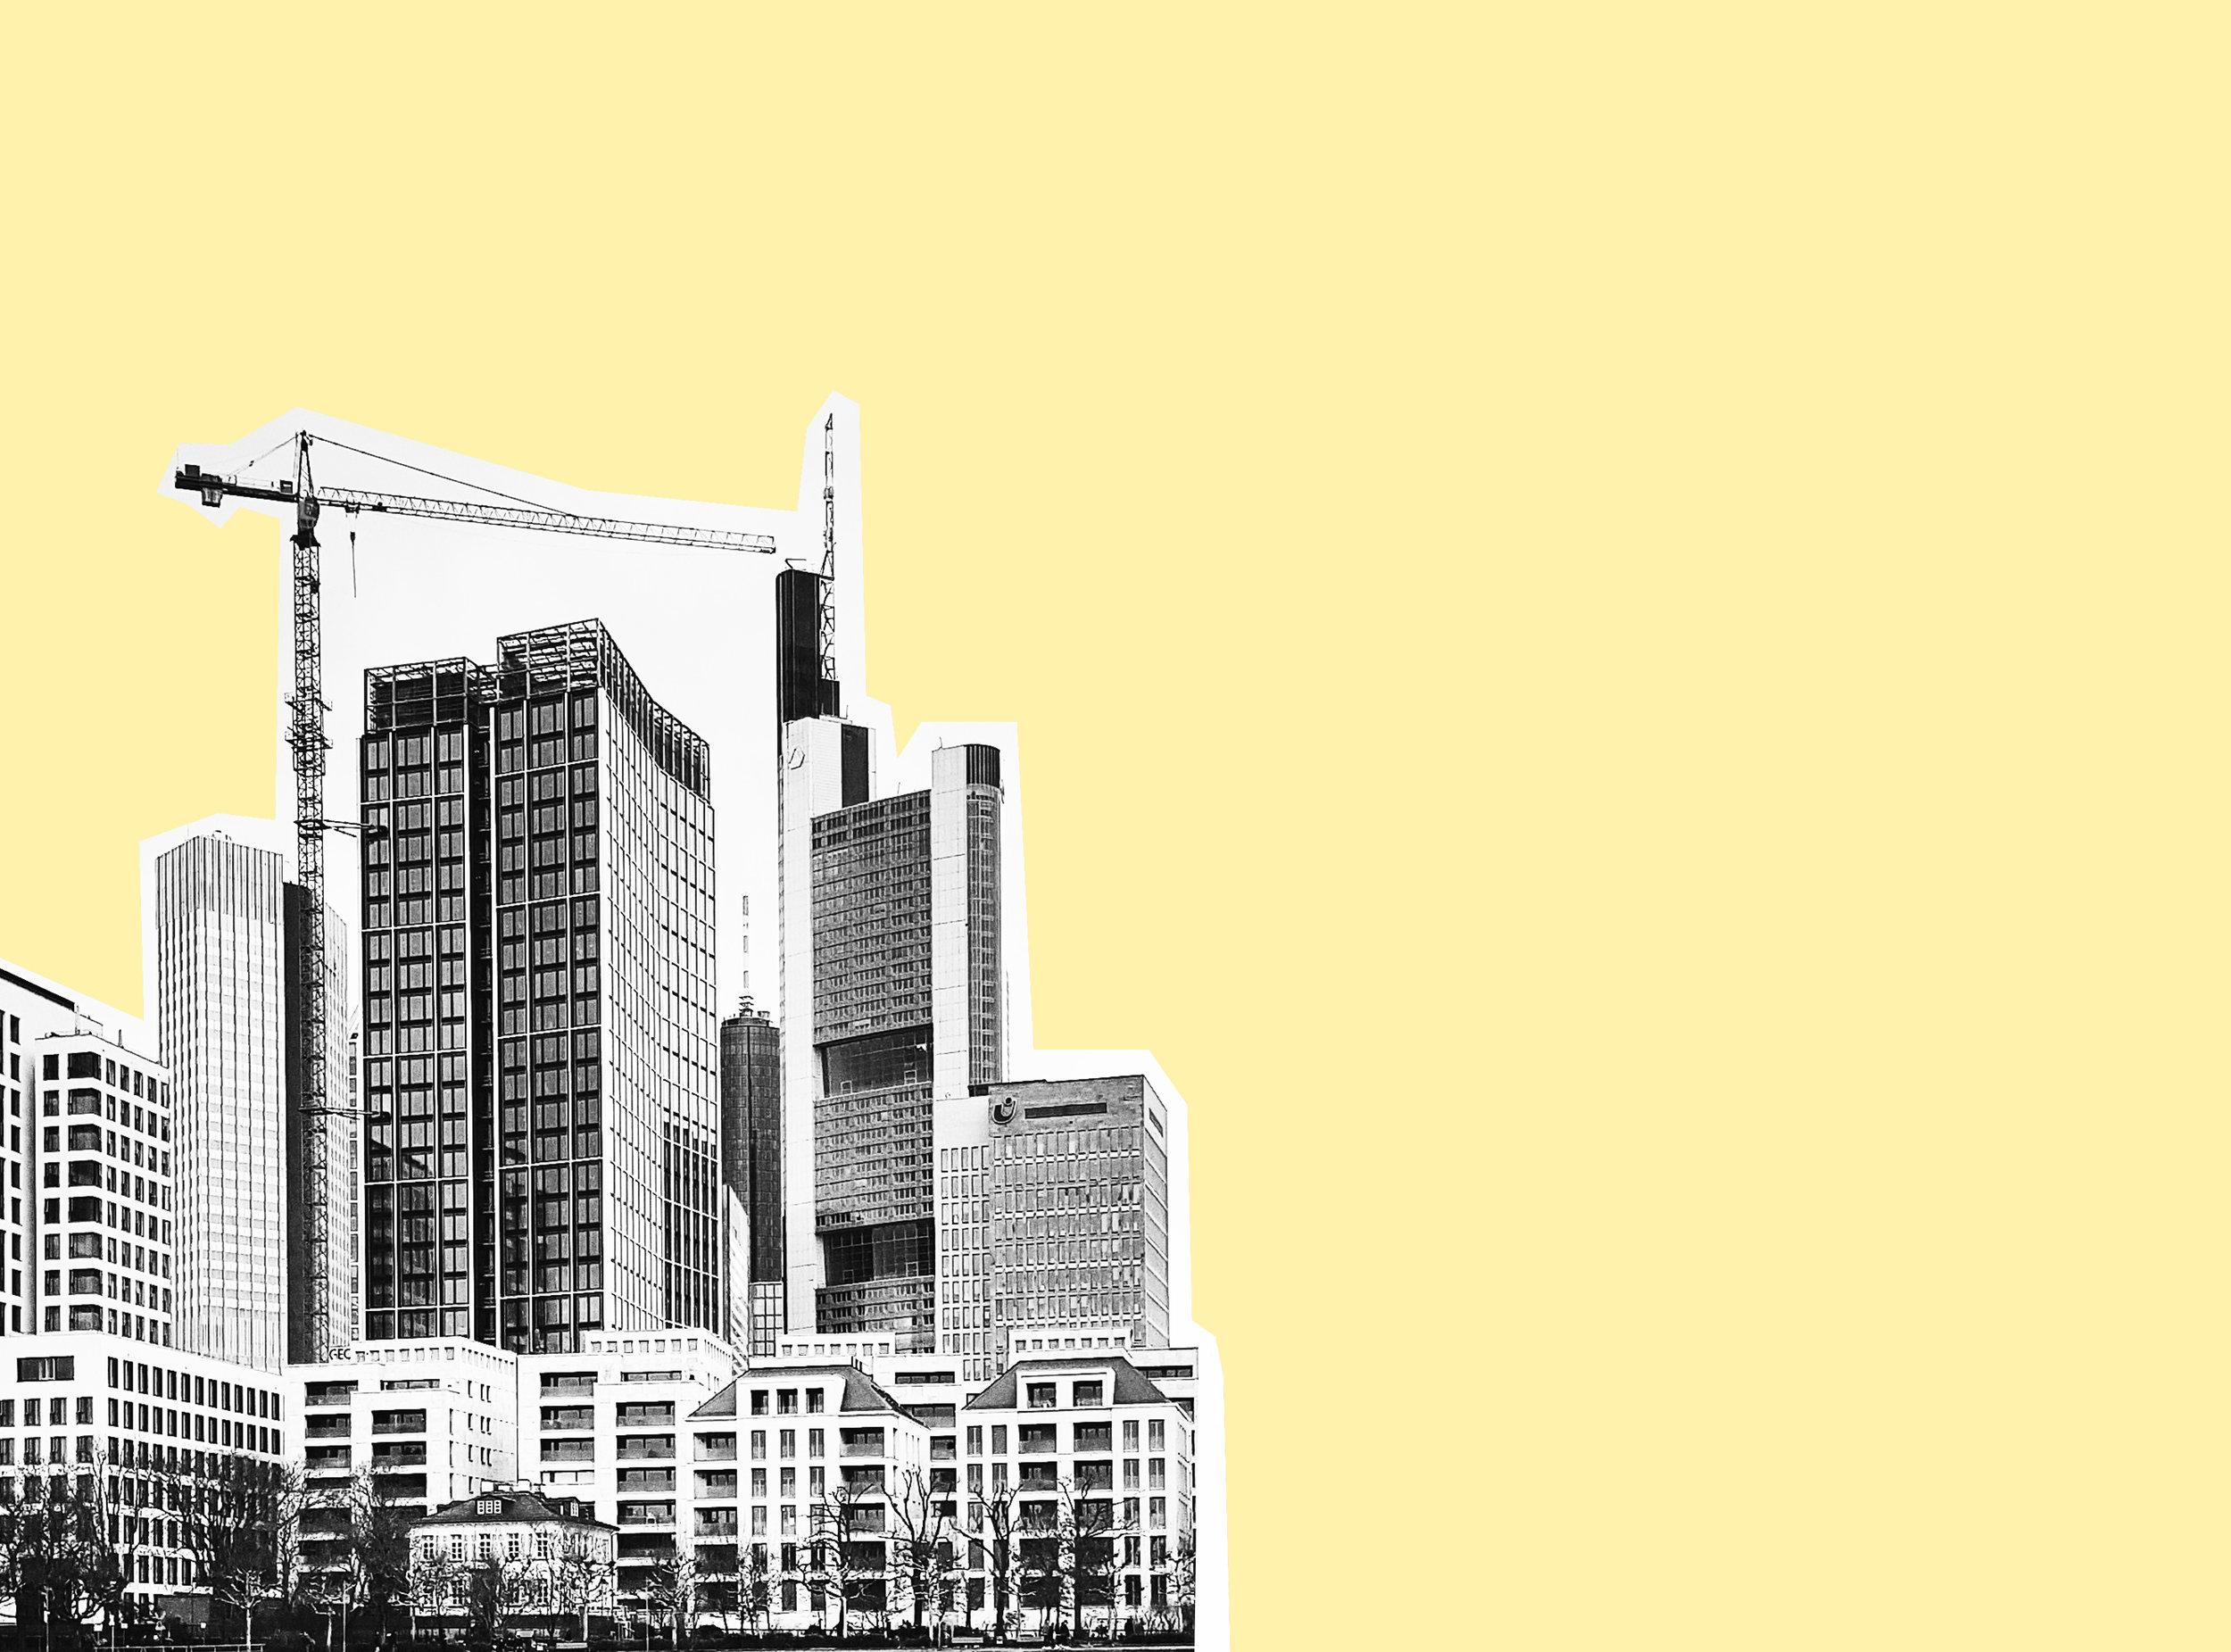 PRATICHE EDILIZIE - Gestiamo tutte le pratiche edilizie ed urbanistiche necessarie ed obbligatorie durante la realizzazione di un progetto edile di qualunque tipologia (costruzione, ampliamento, modifica e ristrutturazione).